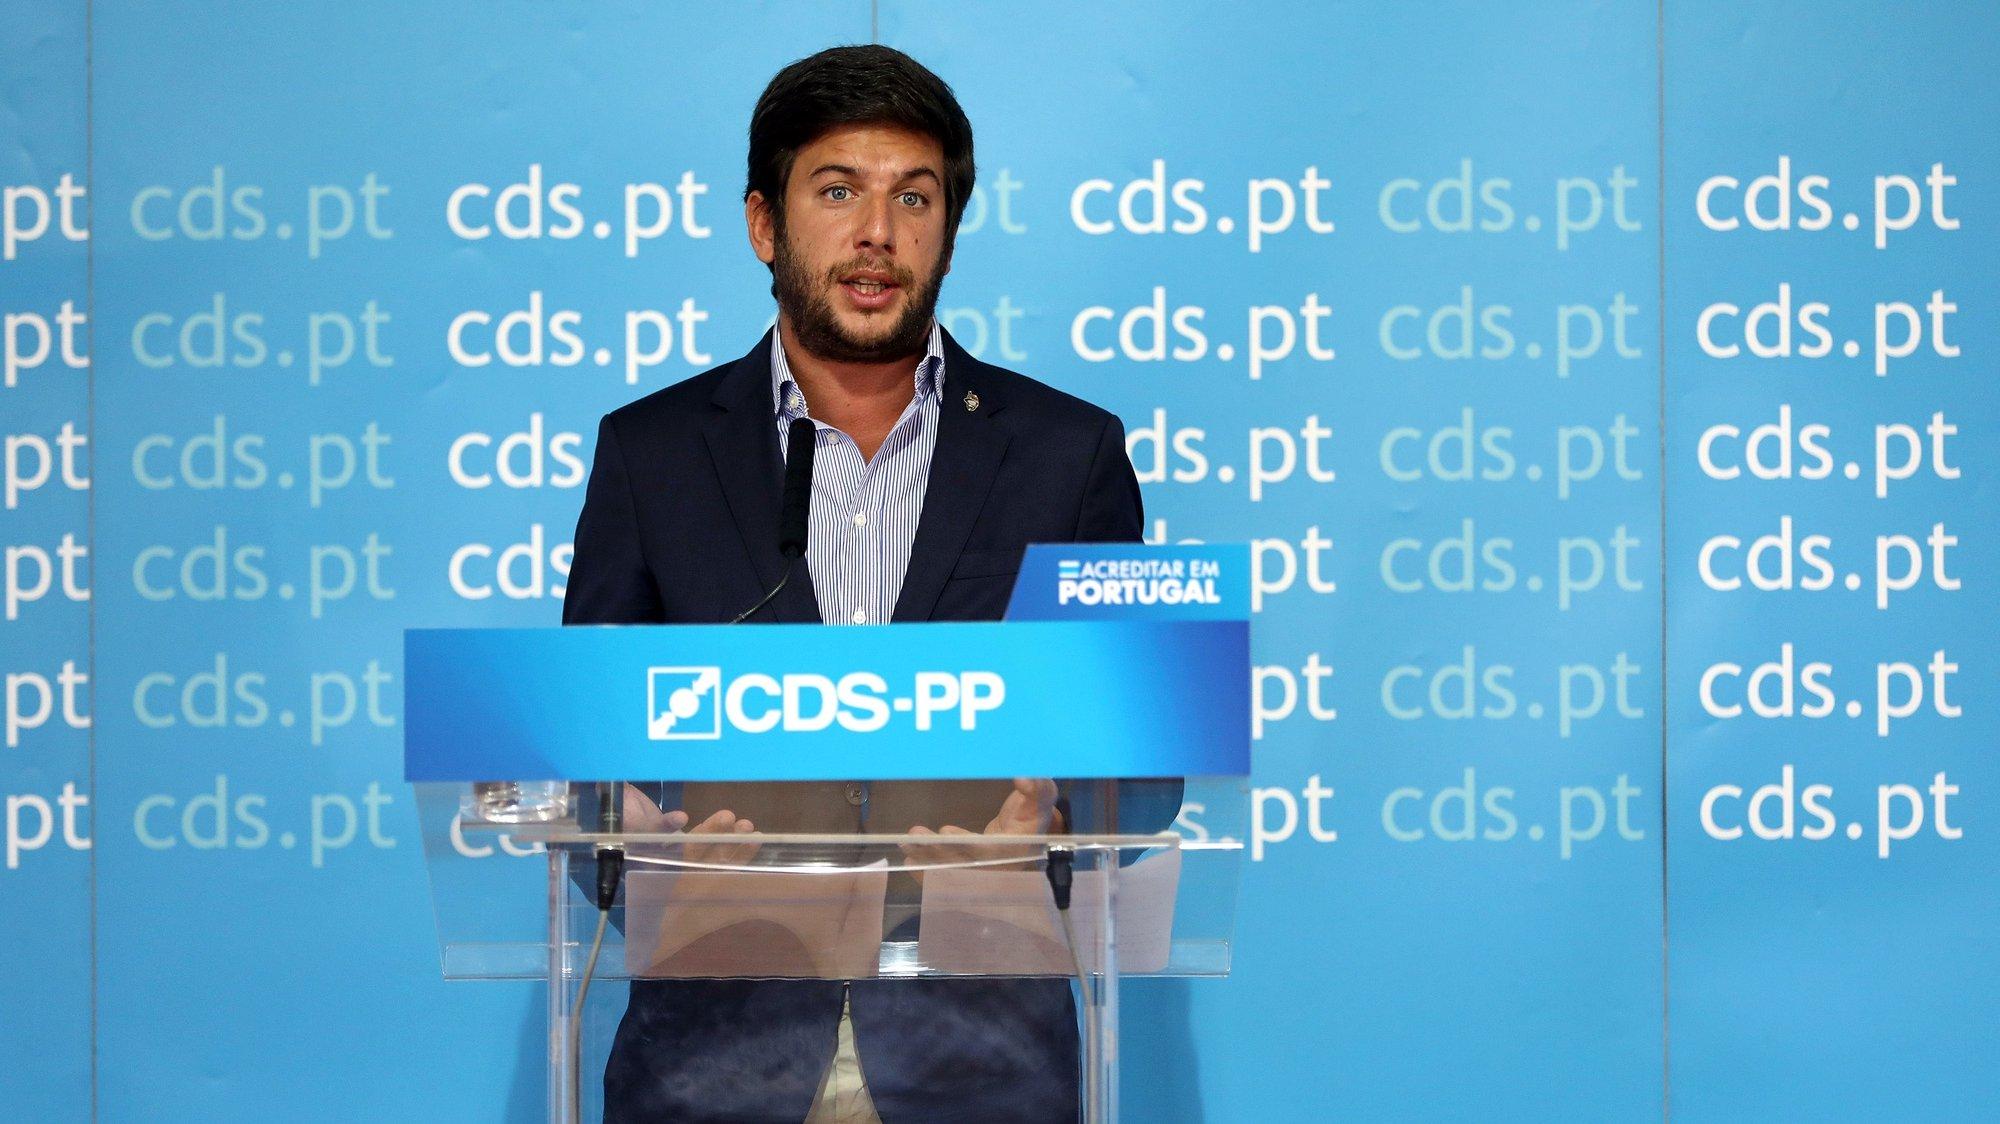 """O presidente do CDS-PP, Francisco Rodrigues dos Santos, fala aos jornalistas durante uma conferência de imprensa sob o tema """"Disciplina, Cidadania e Desenvolvimento"""", na sede do partido, em Lisboa, 08 de setembro de 2020. ANTÓNIO PEDRO SANTOS/LUSA"""